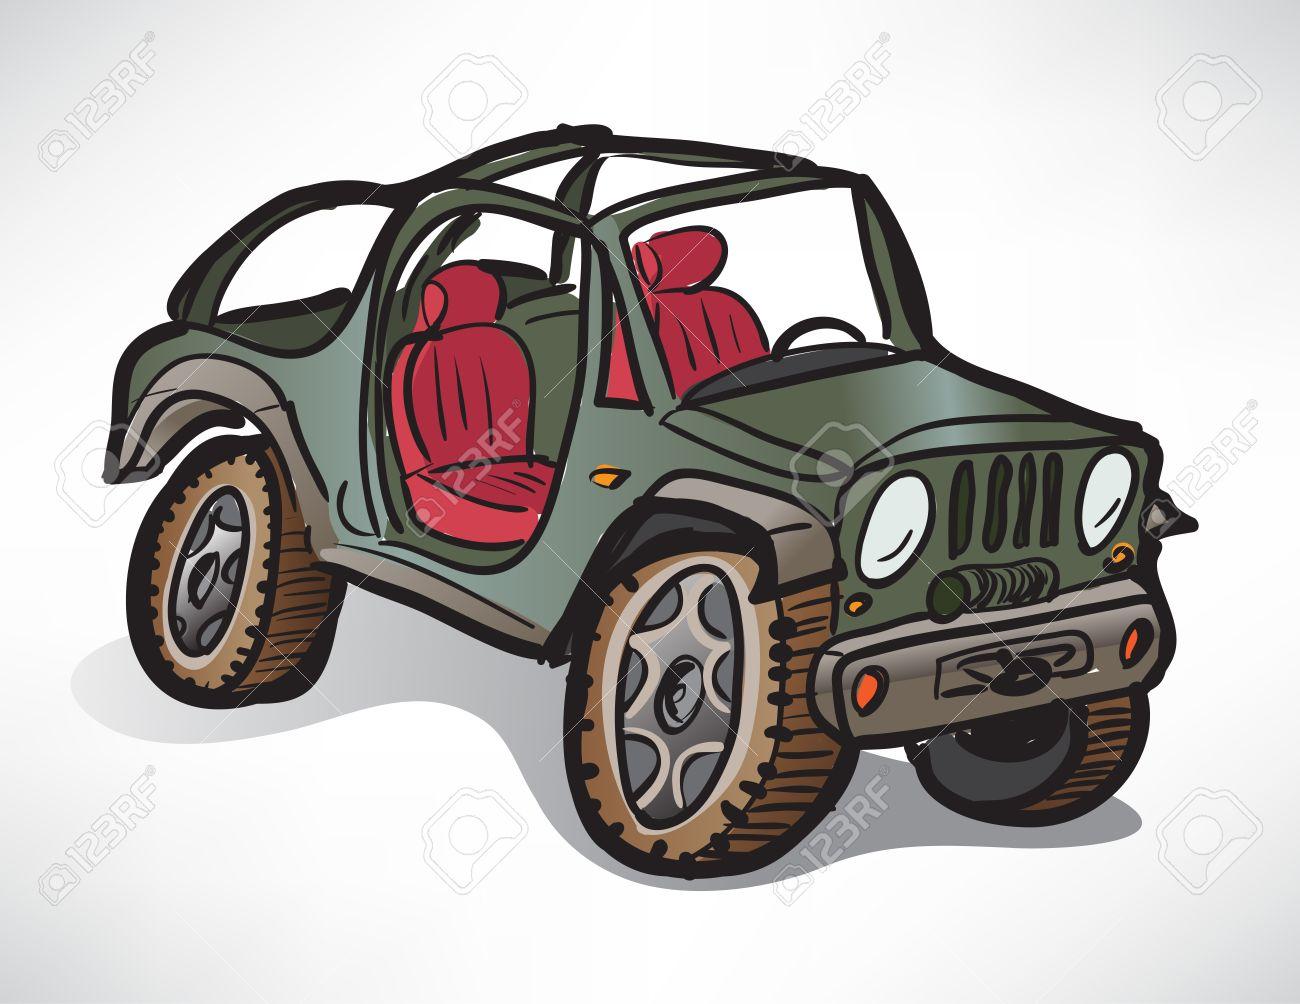 図面のオフロード車ジープ カーキのイラスト素材ベクタ Image 27501386